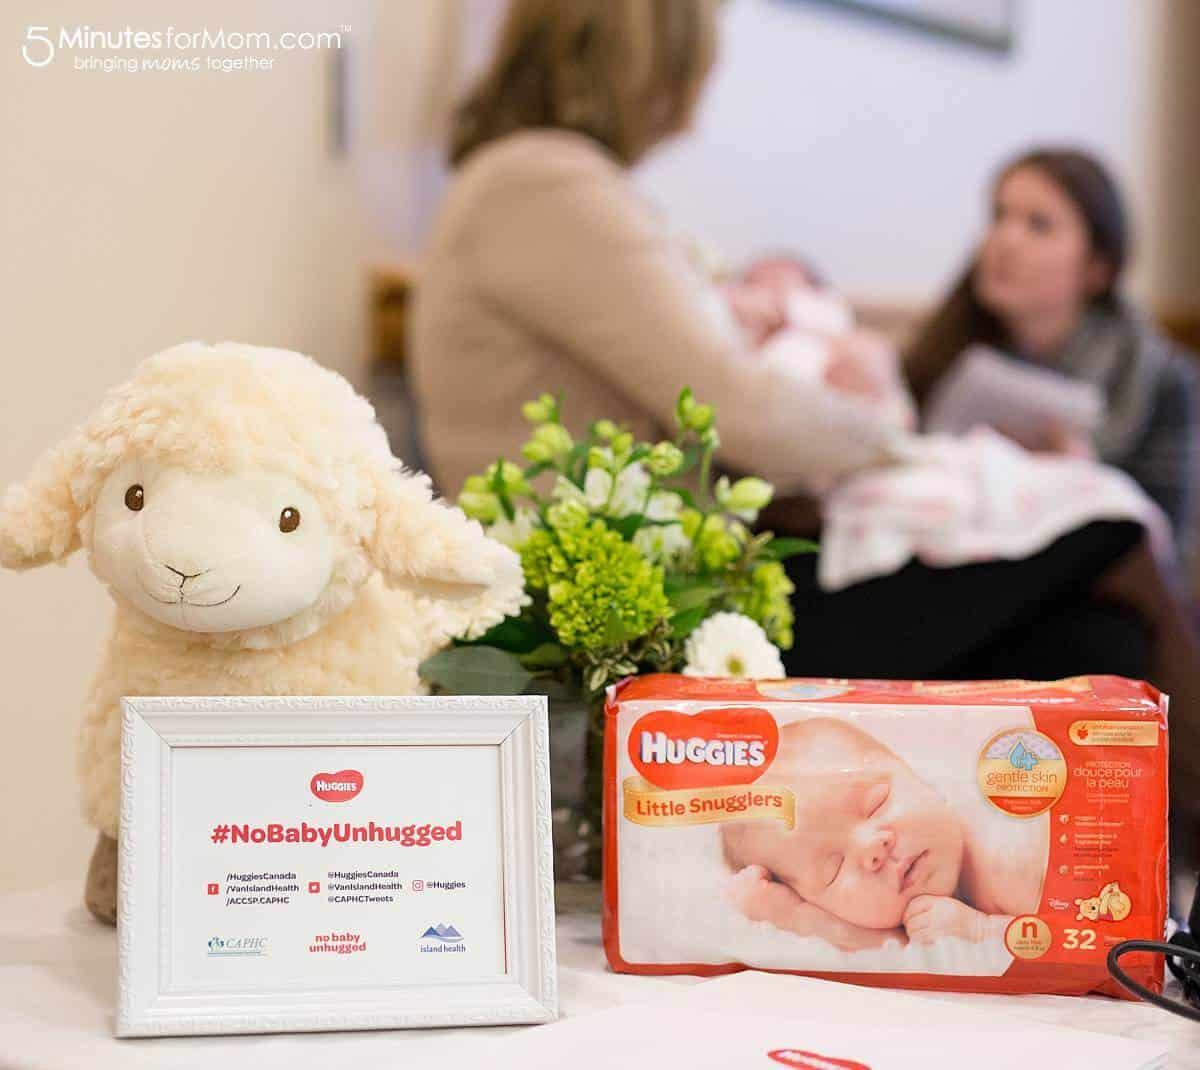 No Baby Unhugged NICU newborn program with Huggies